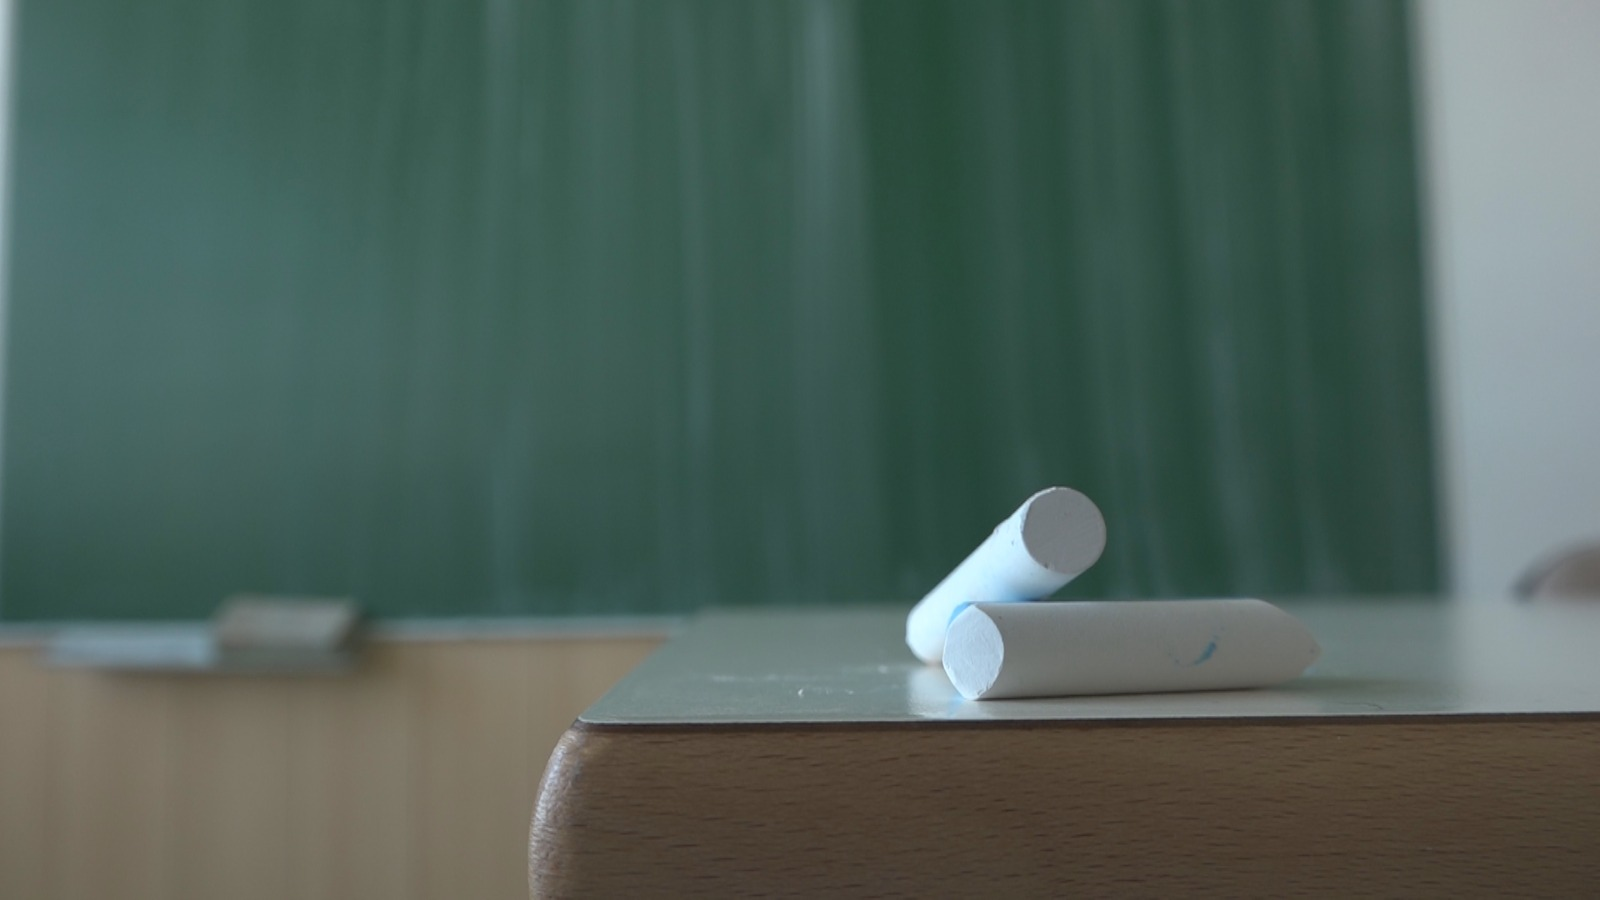 Нова правила у оцењивању ученика: Због короне оцене ће се закључивати на другачији начин